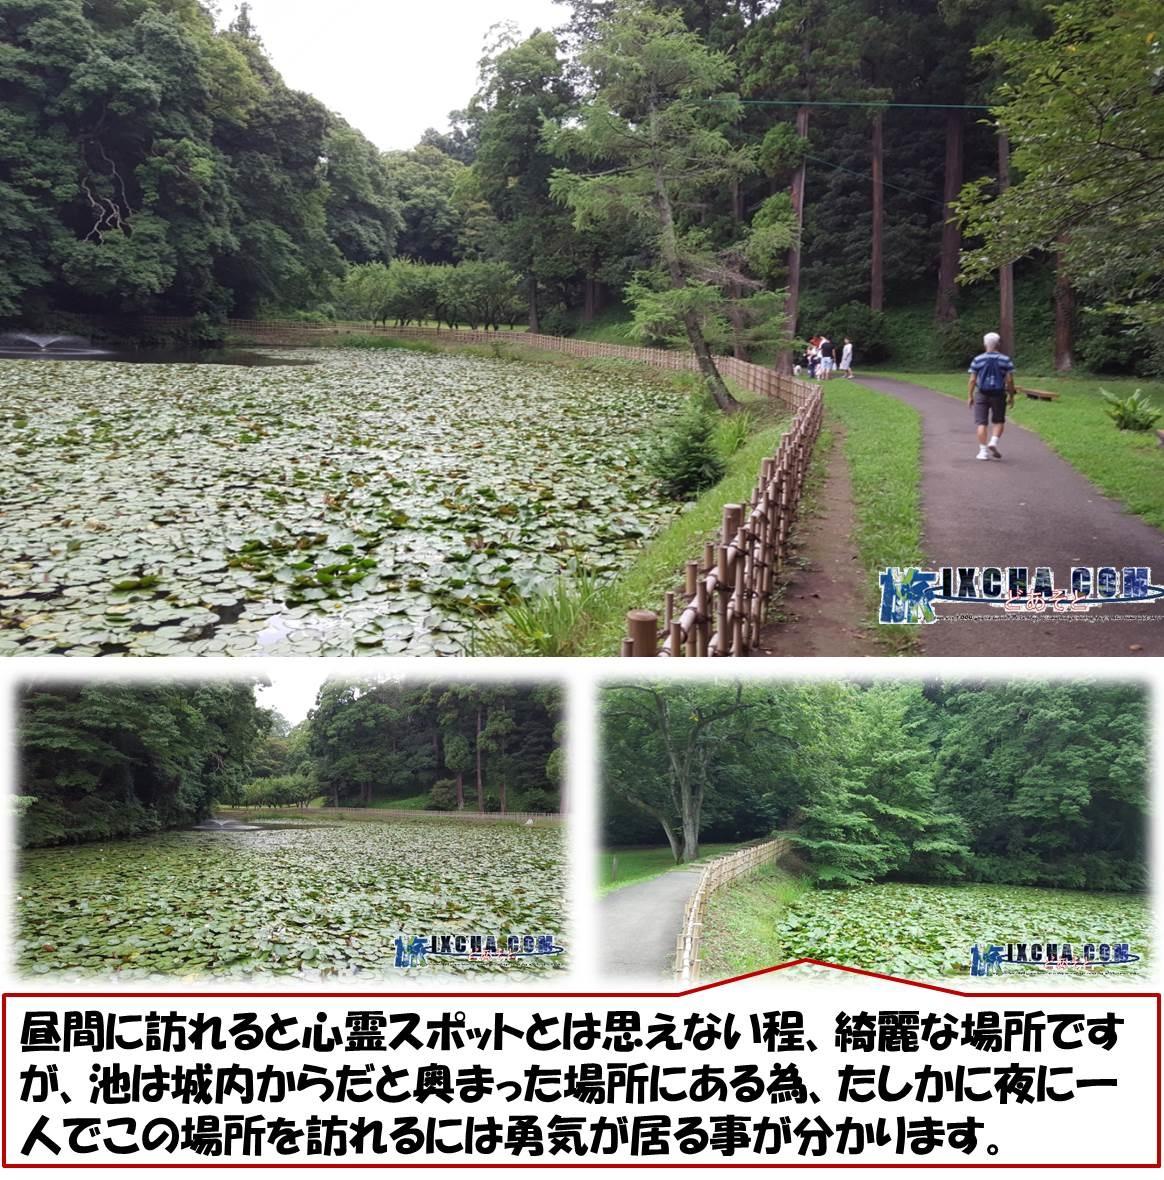 昼間に訪れると心霊スポットとは思えない程、綺麗な場所ですが、池は城内からだと奥まった場所にある為、たしかに夜に一人でこの場所を訪れるには勇気が居る事が分かります。